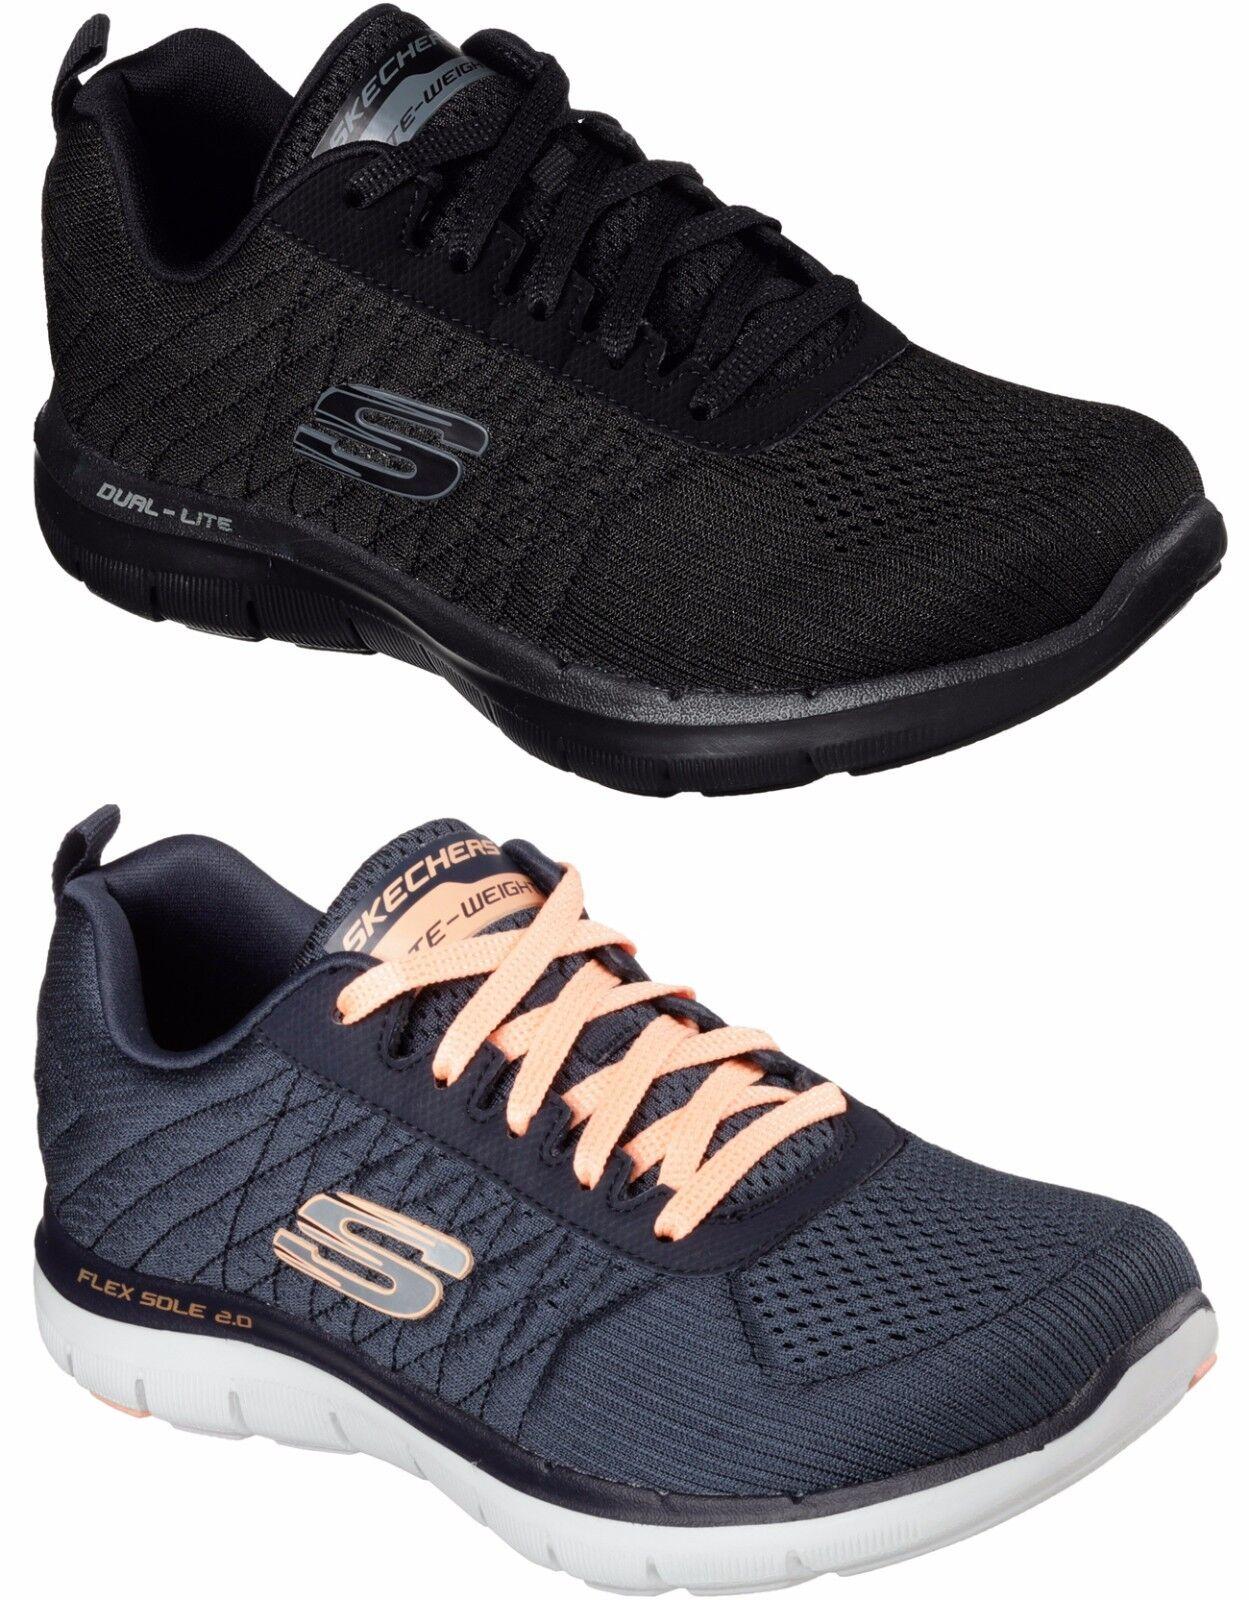 d1b1082221f28 Nuevo balance WL 373 BL zapatos WL373BL Zapatillas negro rosa 574 573 410  420 3ee234